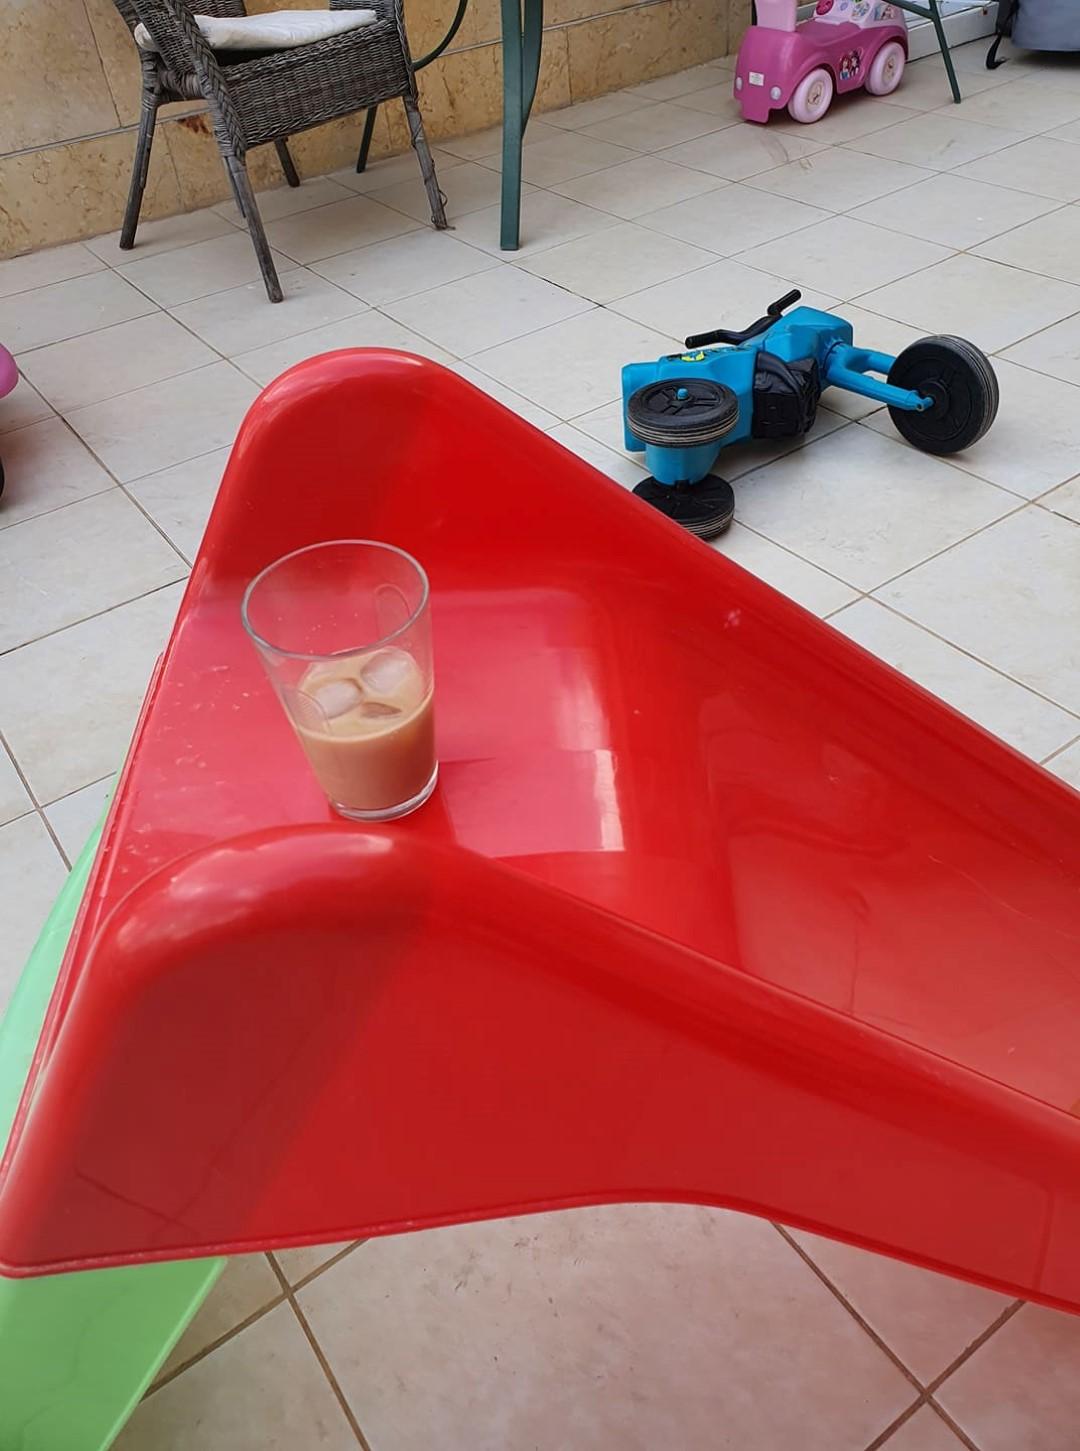 הקפה של רות אופק (צילום: אלבום פרטי)